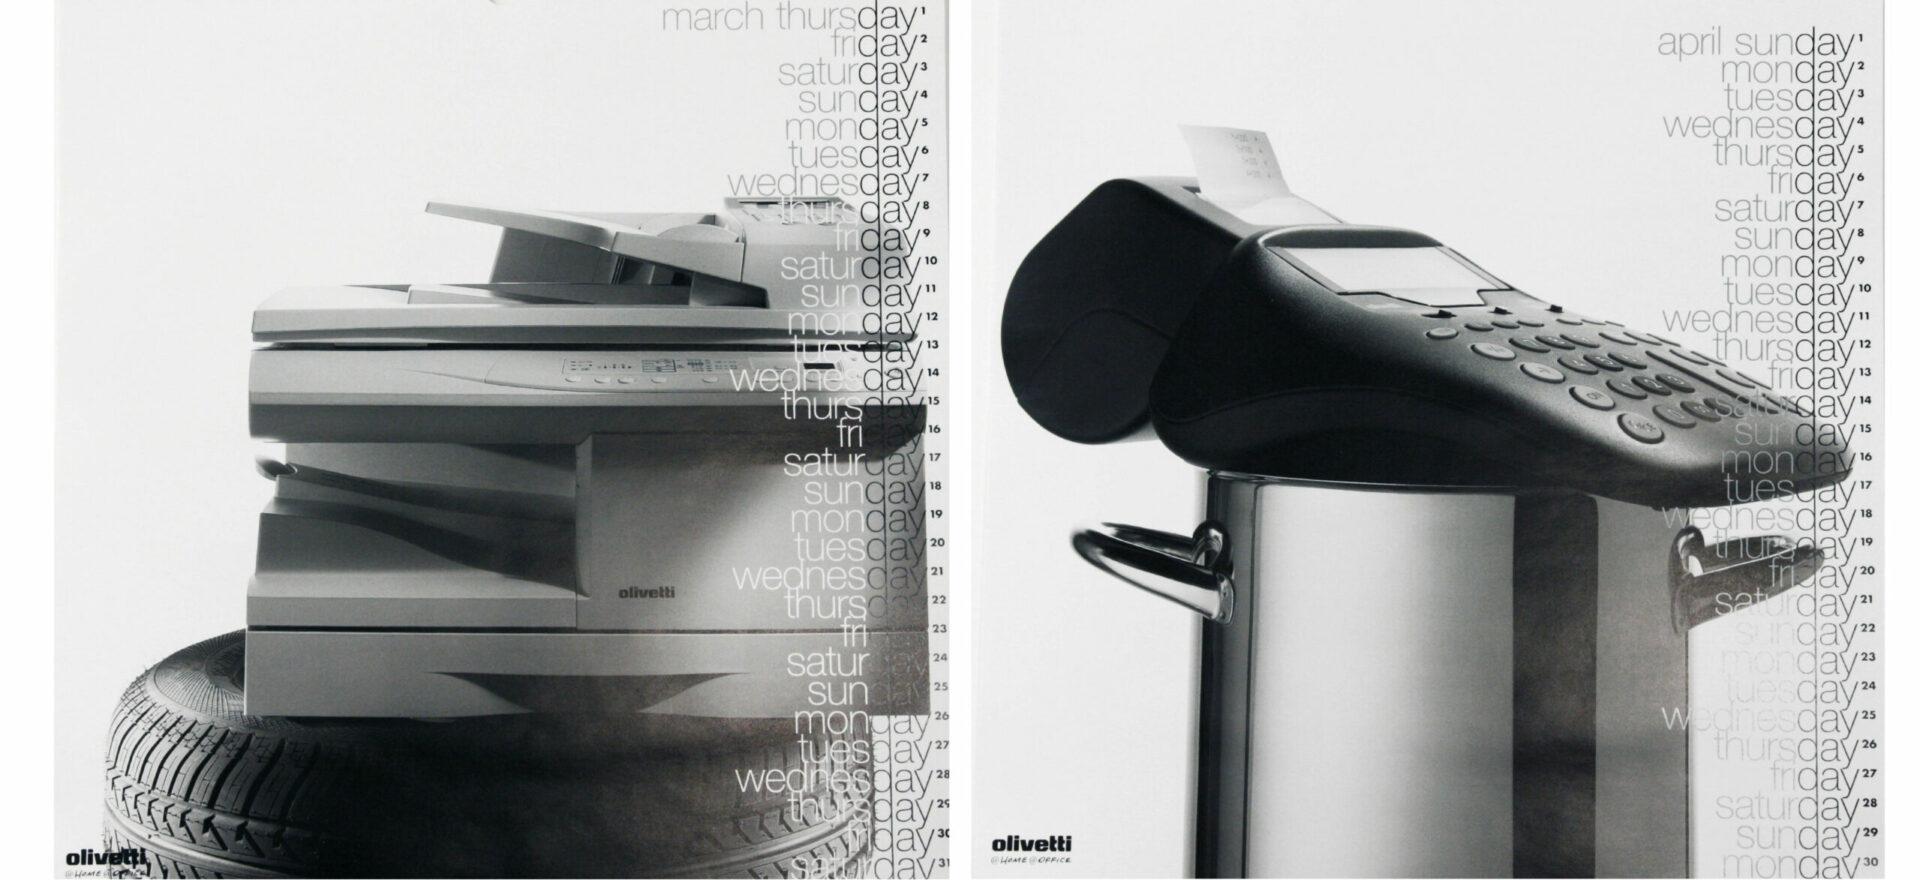 Art Direction | Graphic Design | Branding | Calendars | Olivetti | Mario Trimarchi Design | Fragile